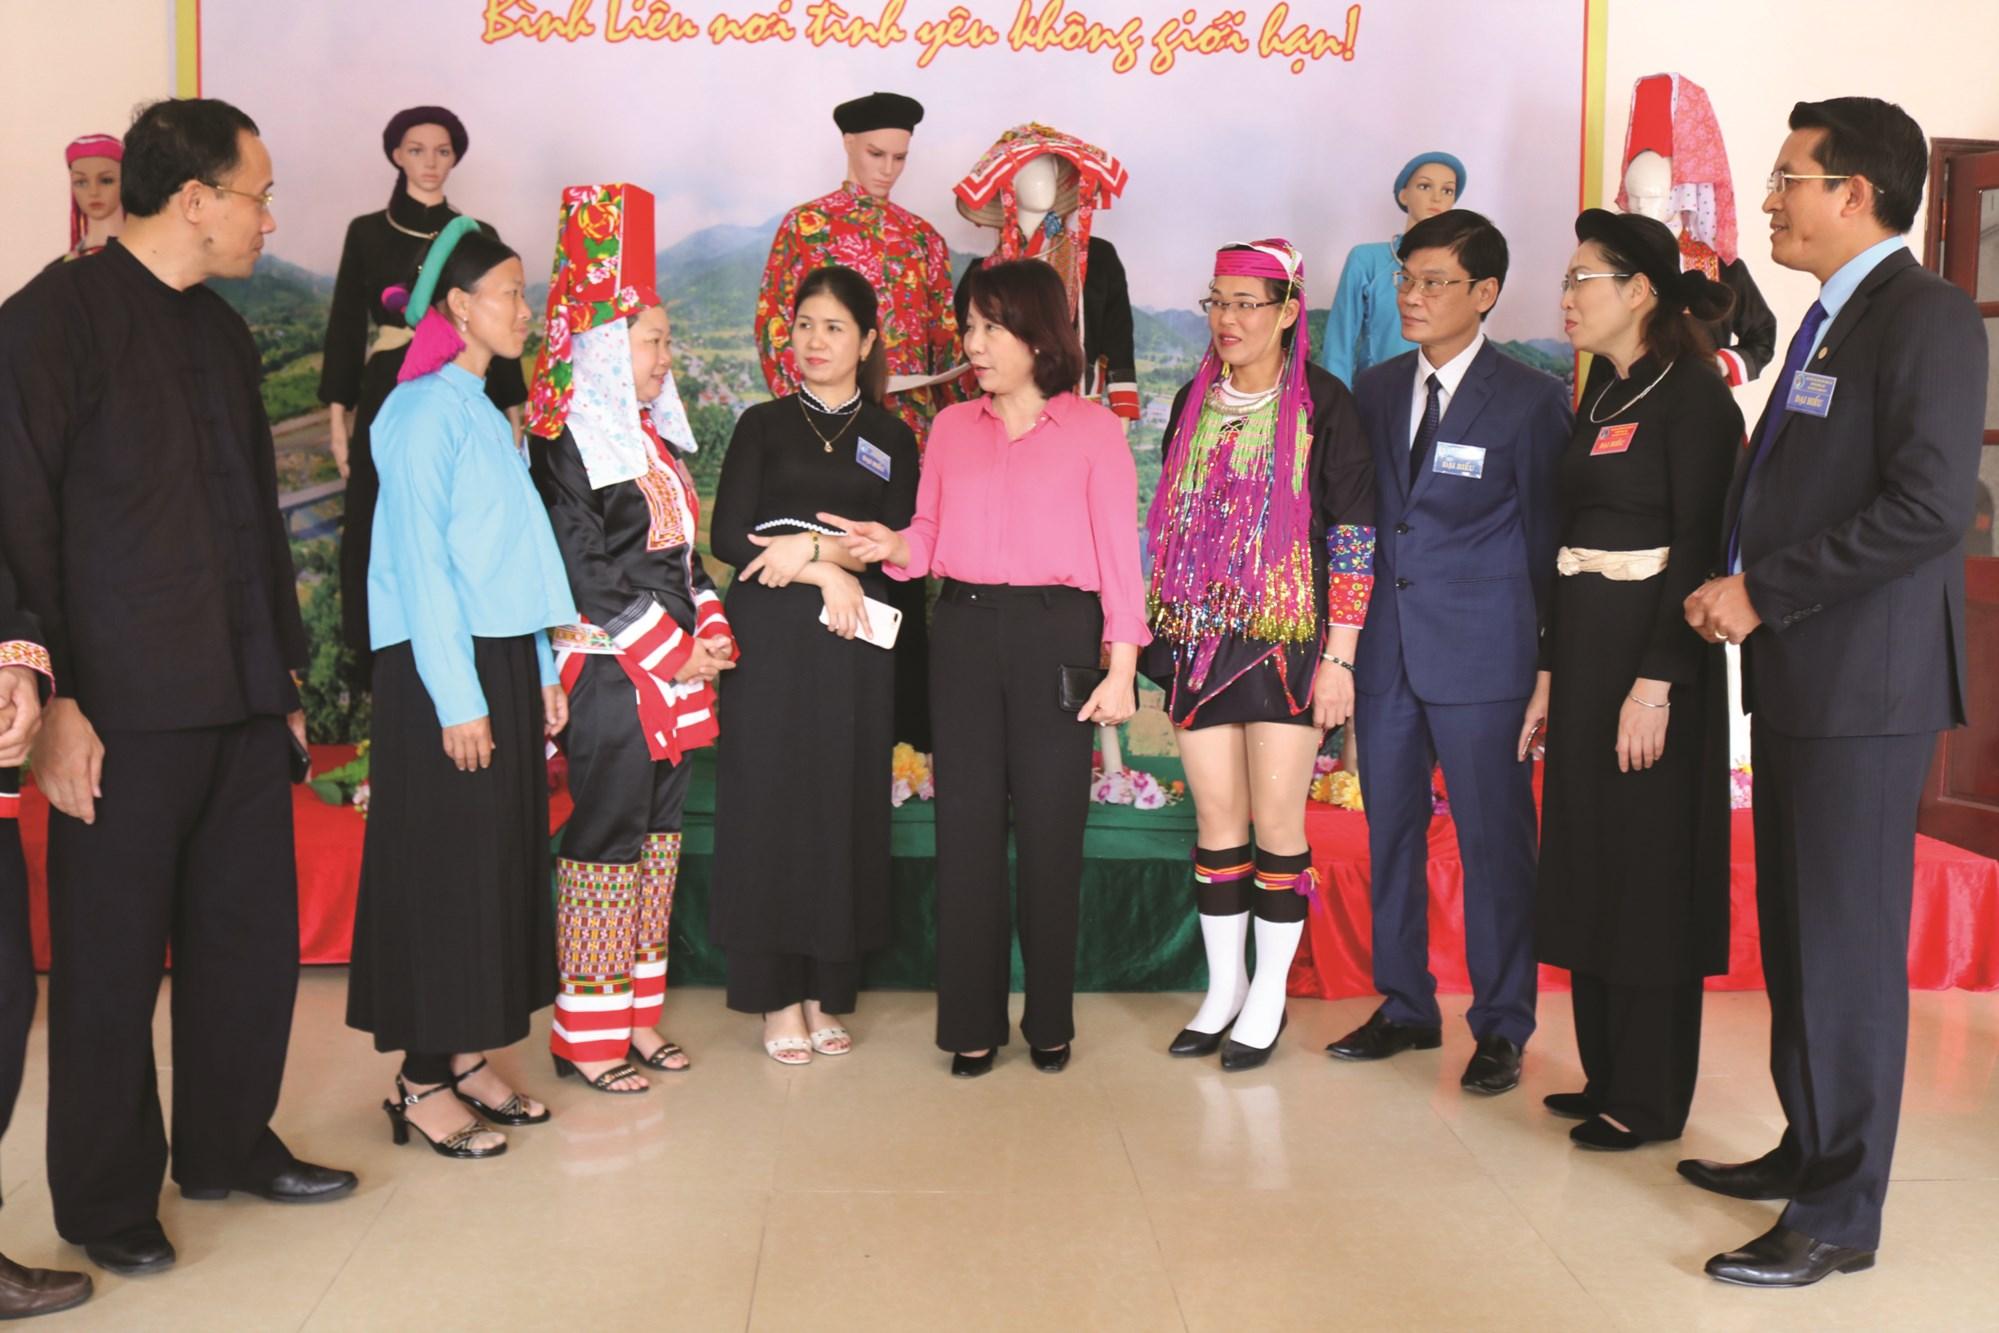 Bà Vũ Thị Thu Thủy, Phó Chủ tịch UBND tỉnh, Trưởng ban Chỉ đạo Đại hội DTTS tỉnh Quảng Ninh (thứ năm từ trái sang) trò chuyện với đại biểu dự Đại hội Đại biểu các DTTS huyện Bình Liêu.